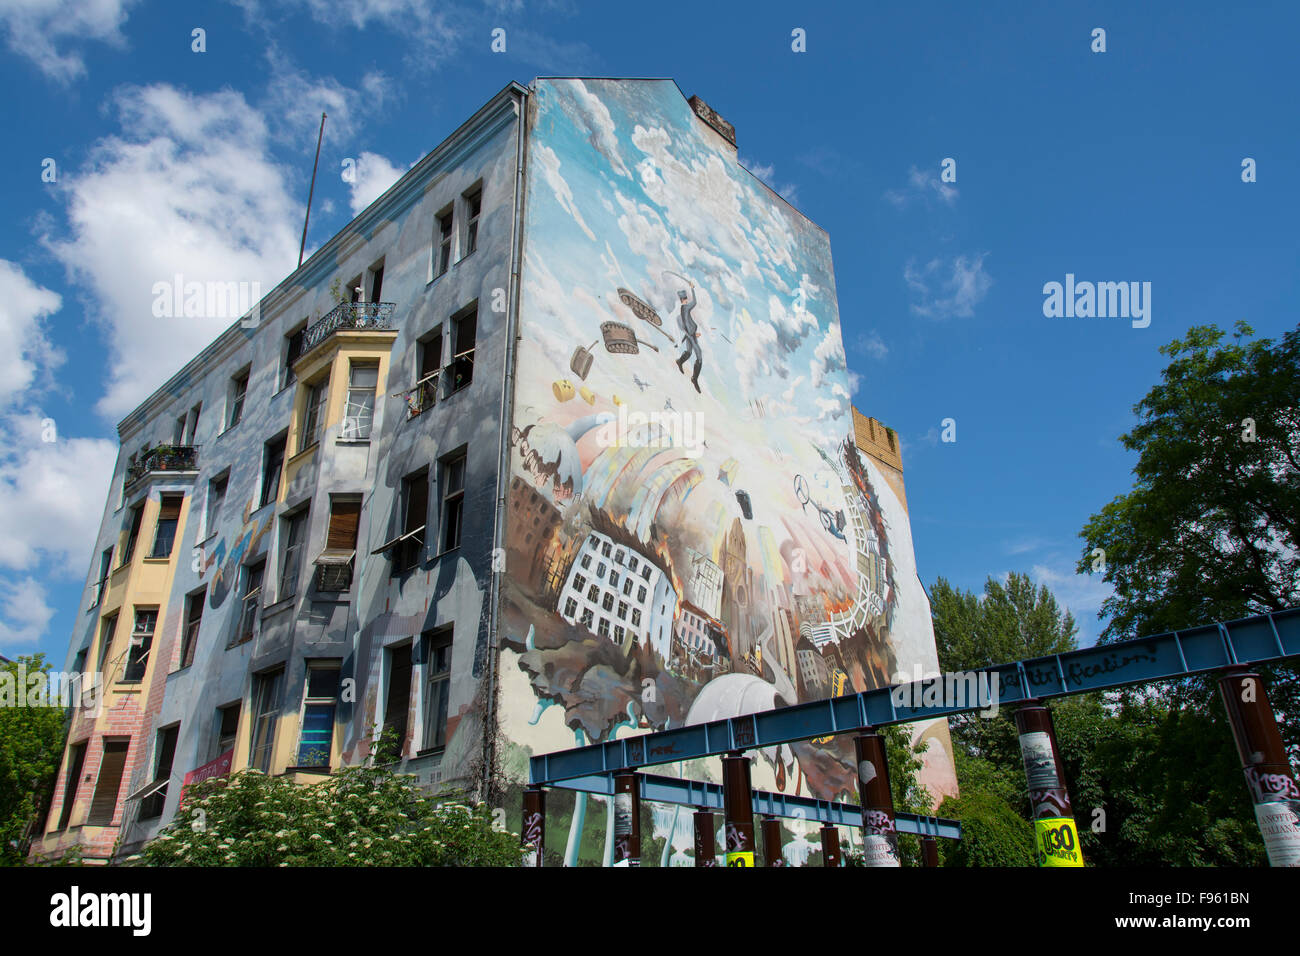 Art urbain sur squat tenement immobilier, Berlin, Allemagne Photo Stock